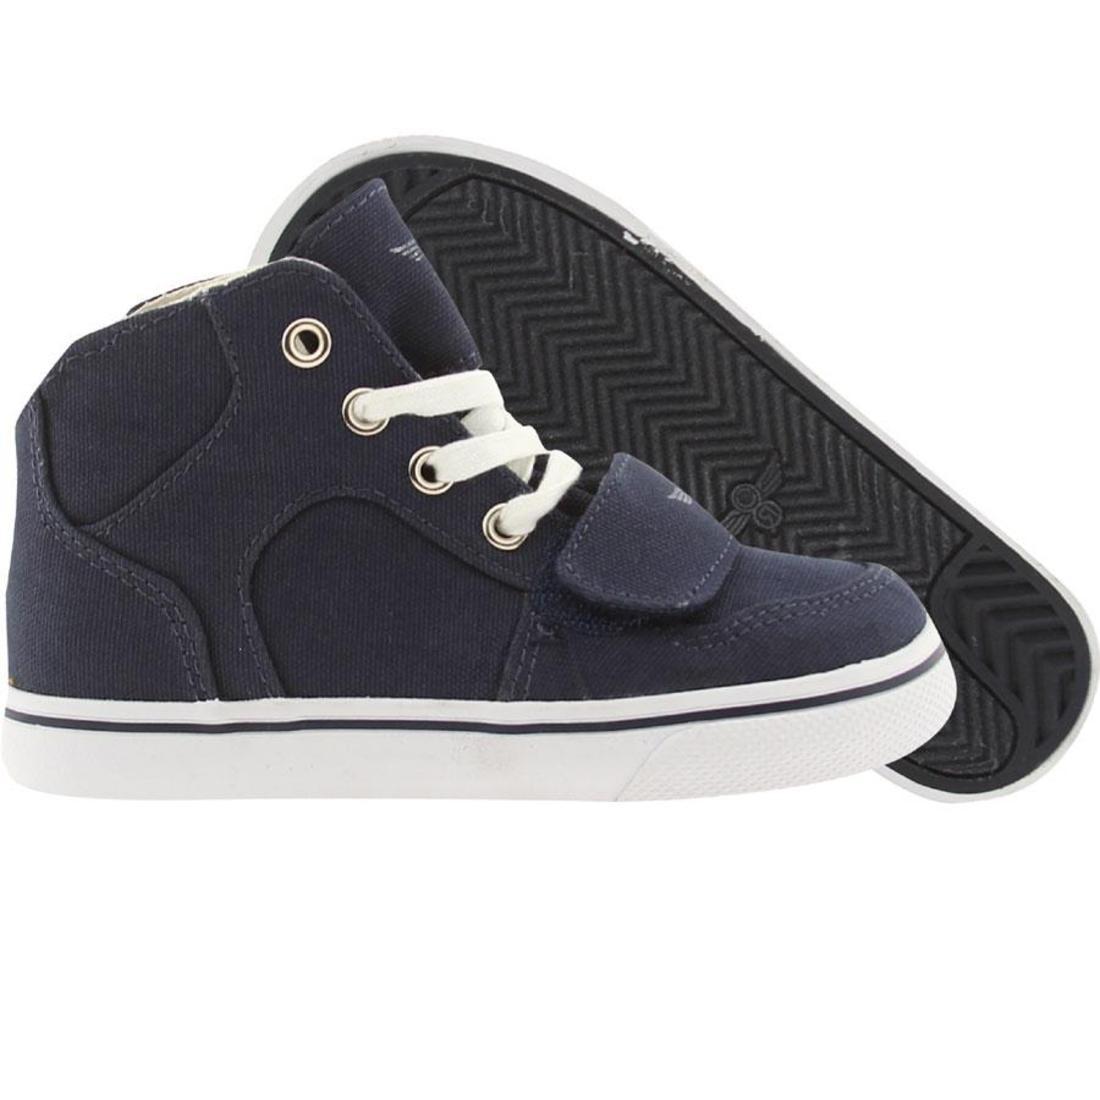 【海外限定】靴 スニーカー 【 TODDLERS CREATIVE RECREATION CESARIO XVI NAVY 】